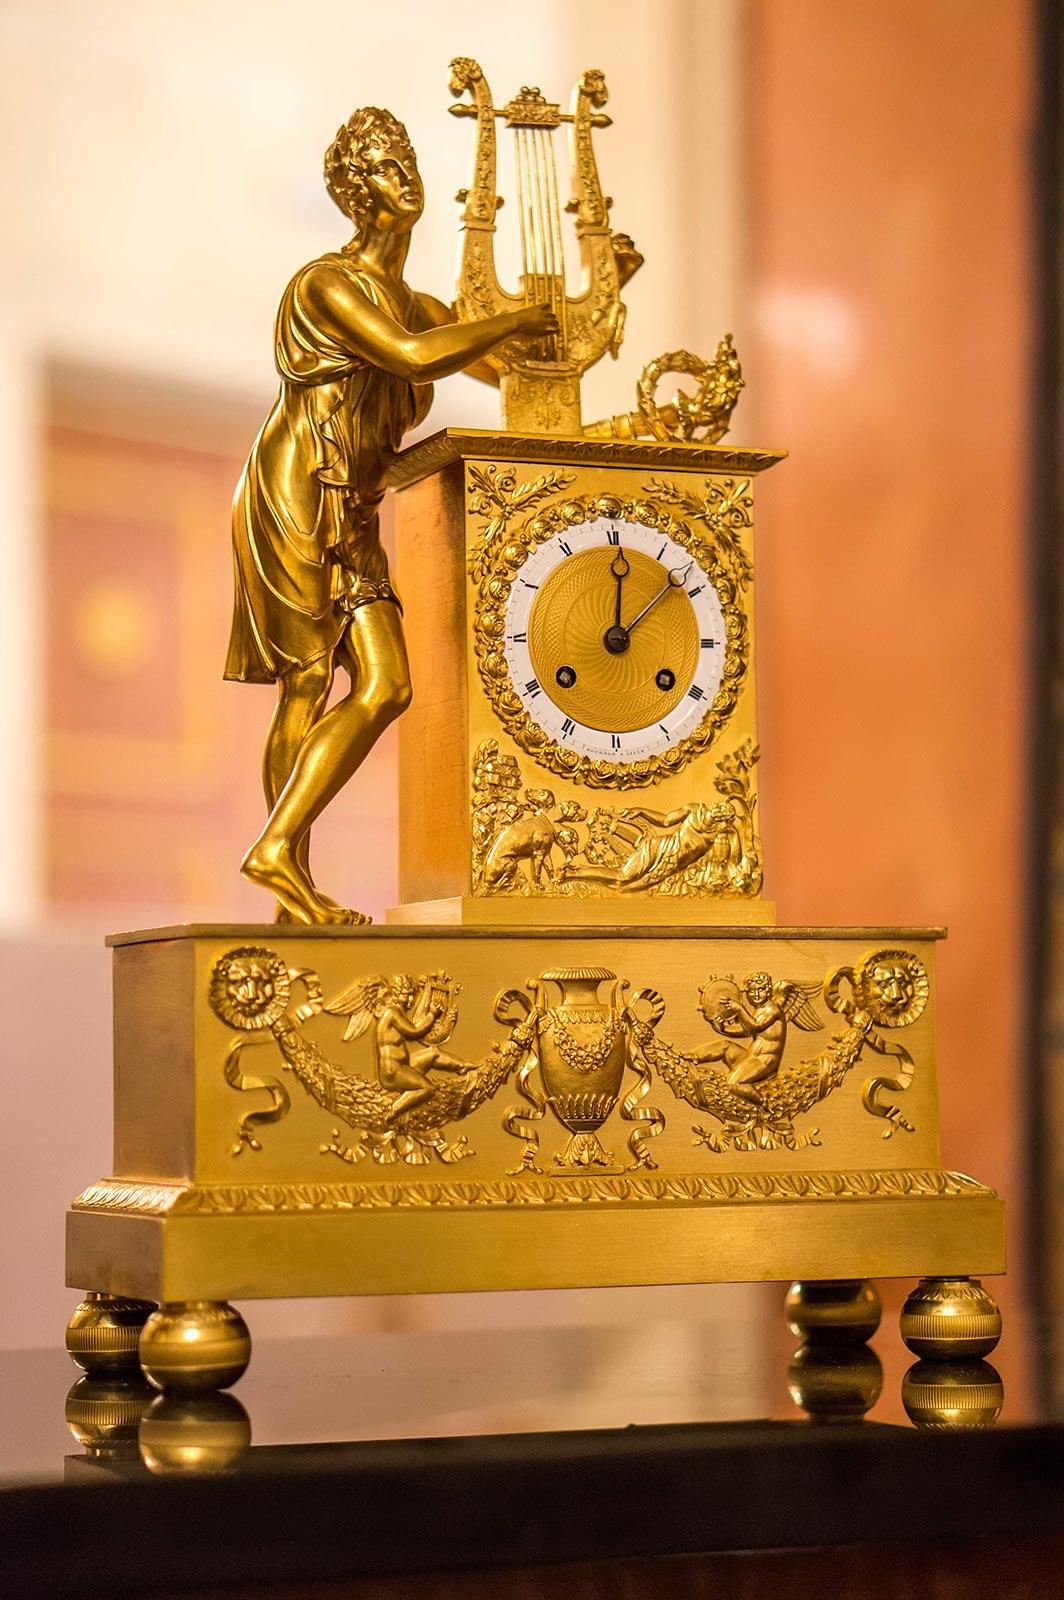 Фото №136948. Часы каминные ''Орфей, играющий на арфе'', золоченая бронза, эмаль. Франция XIX в.